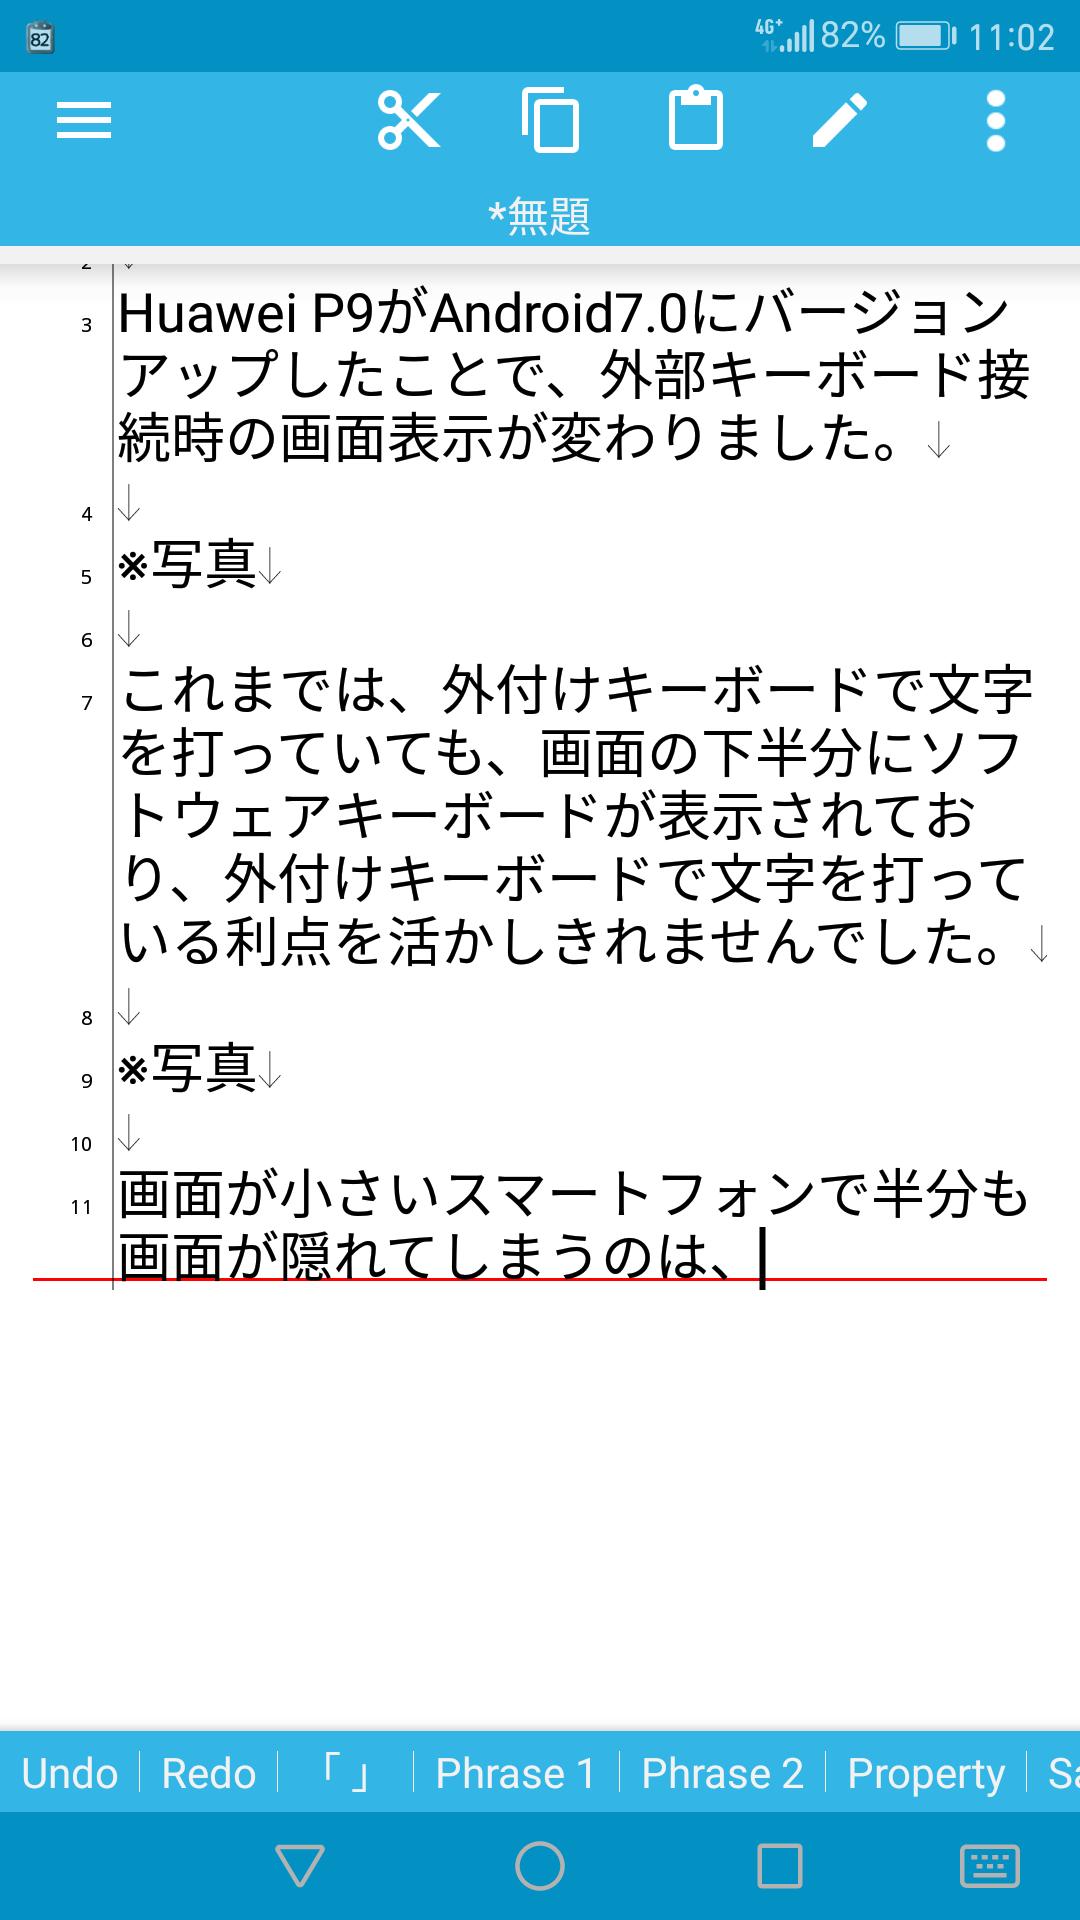 Huawei P9でソフトウェアキーボードが表示されていない